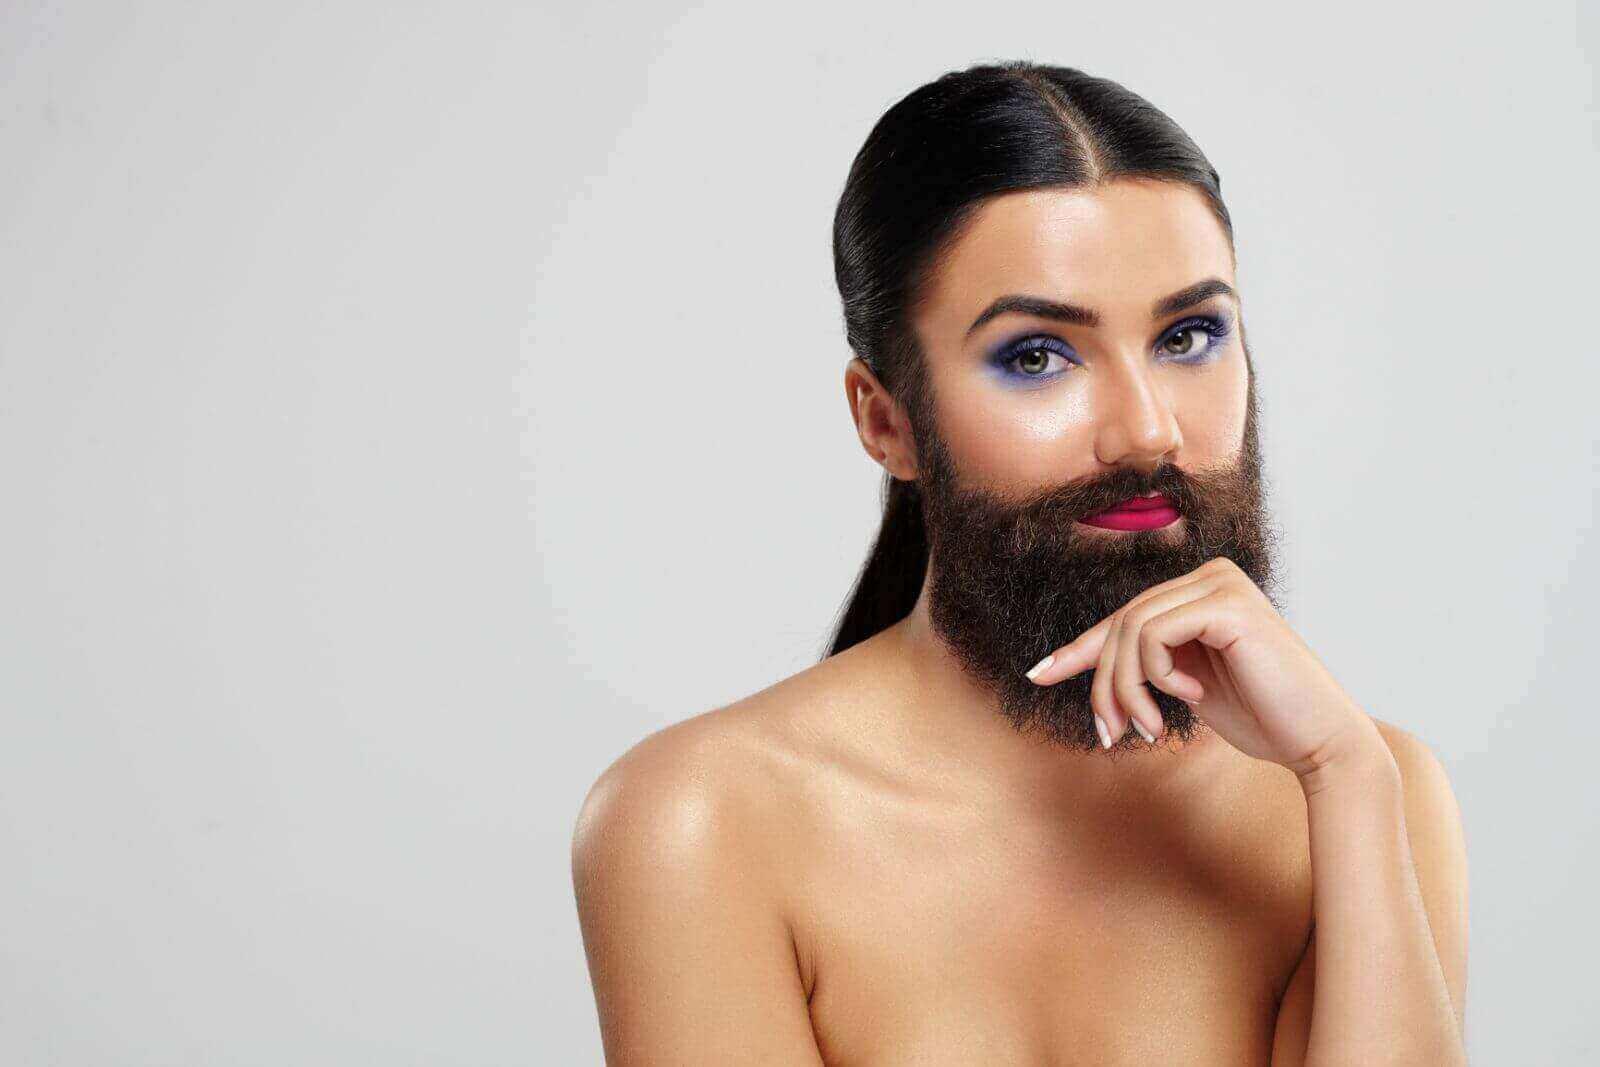 Способи як позбутися волосся на обличчі вдома швидко